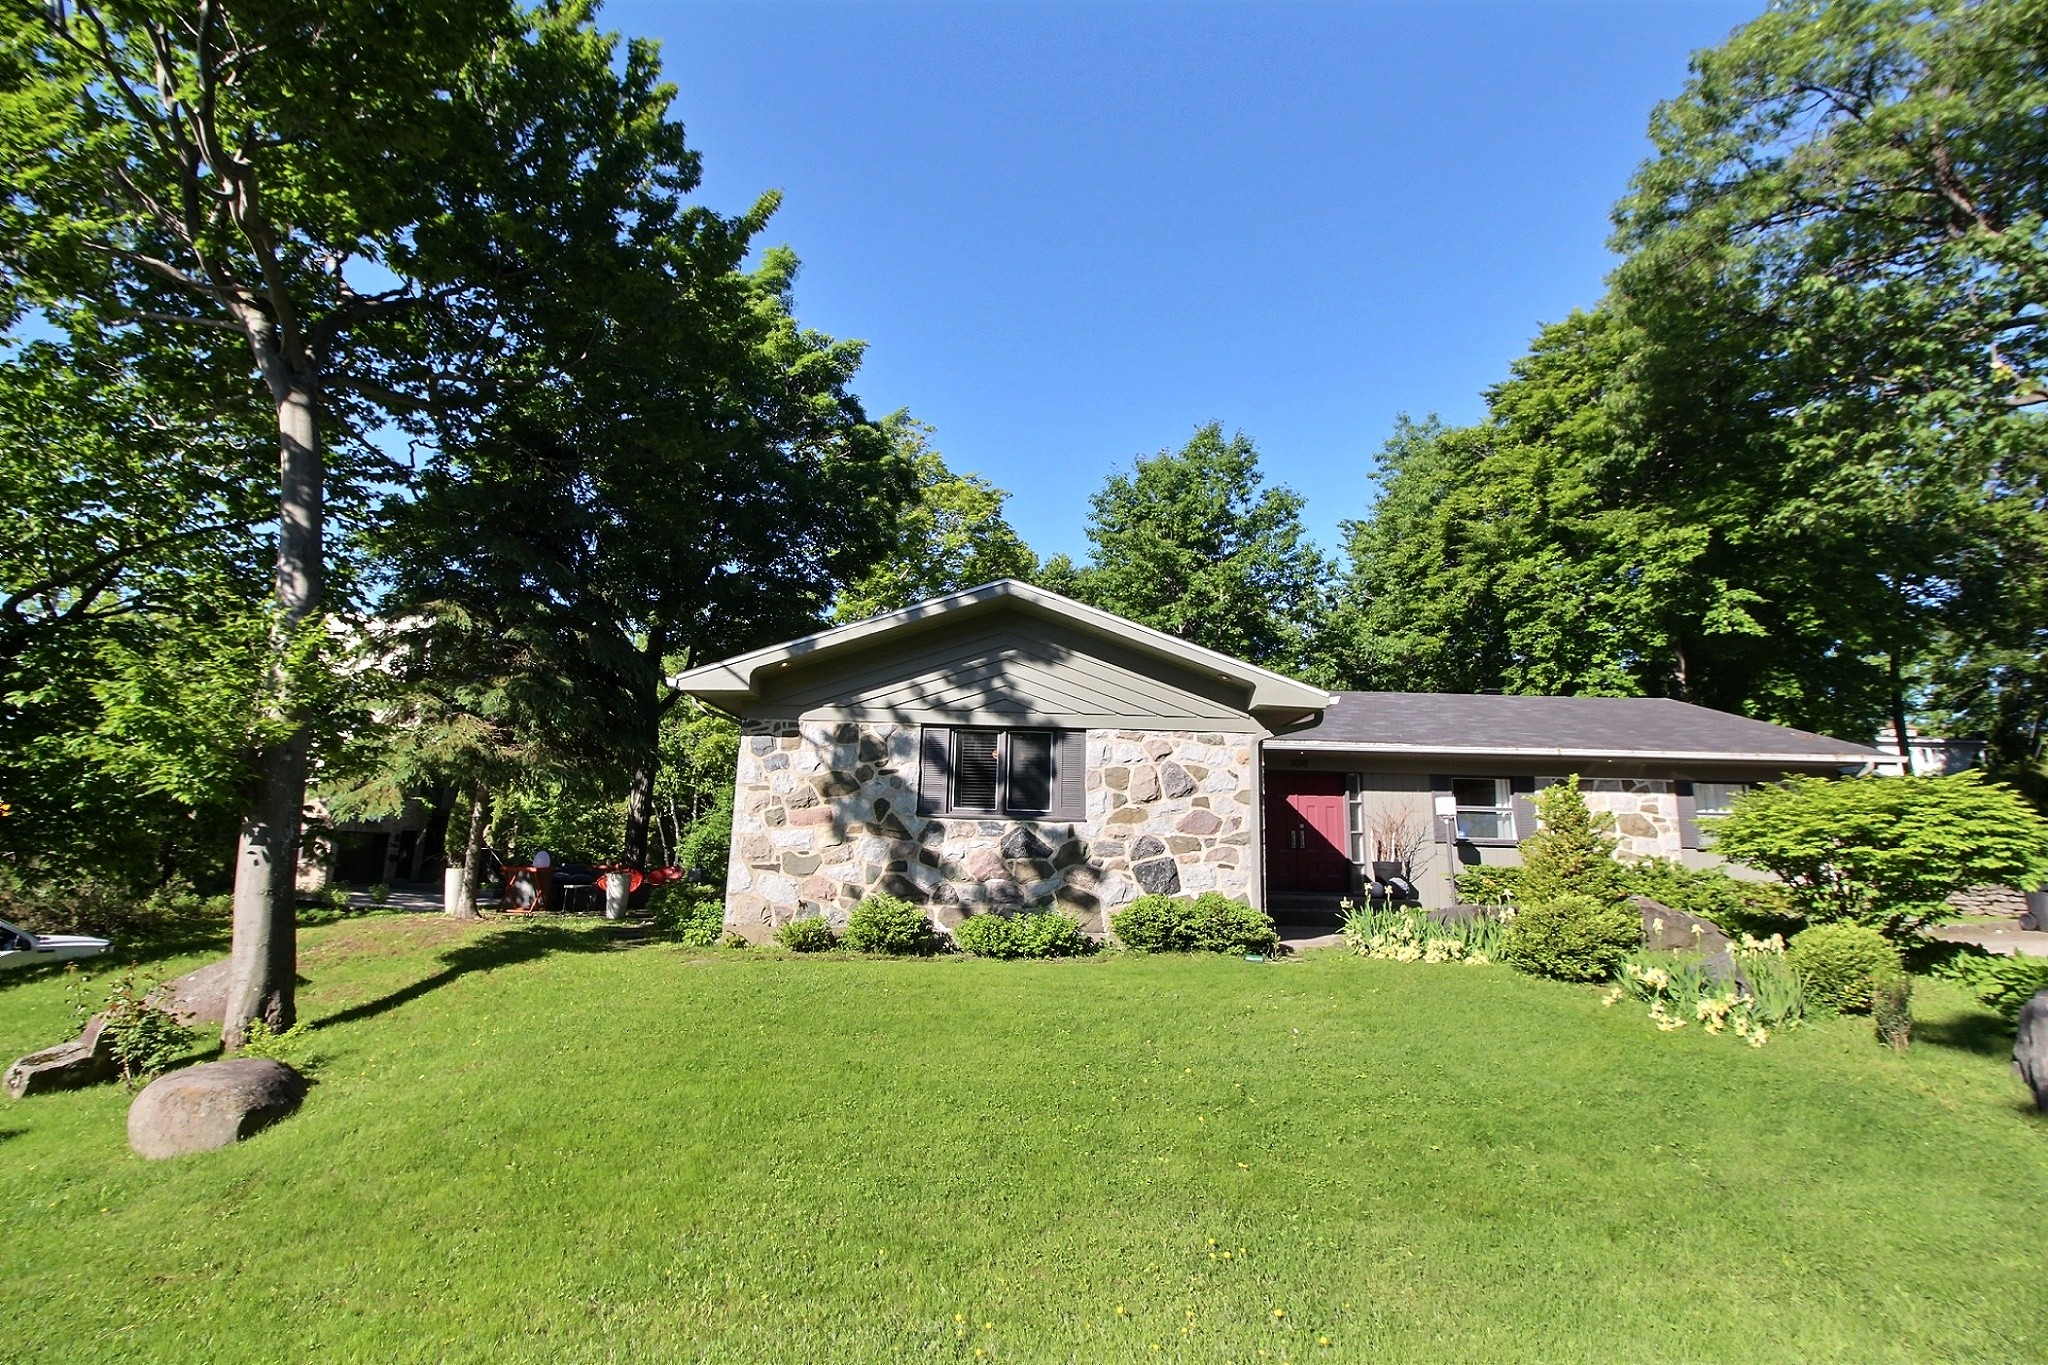 Maison à vendre Québec secteur St-Louis 3018 Rue de la Promenade (6).jpg